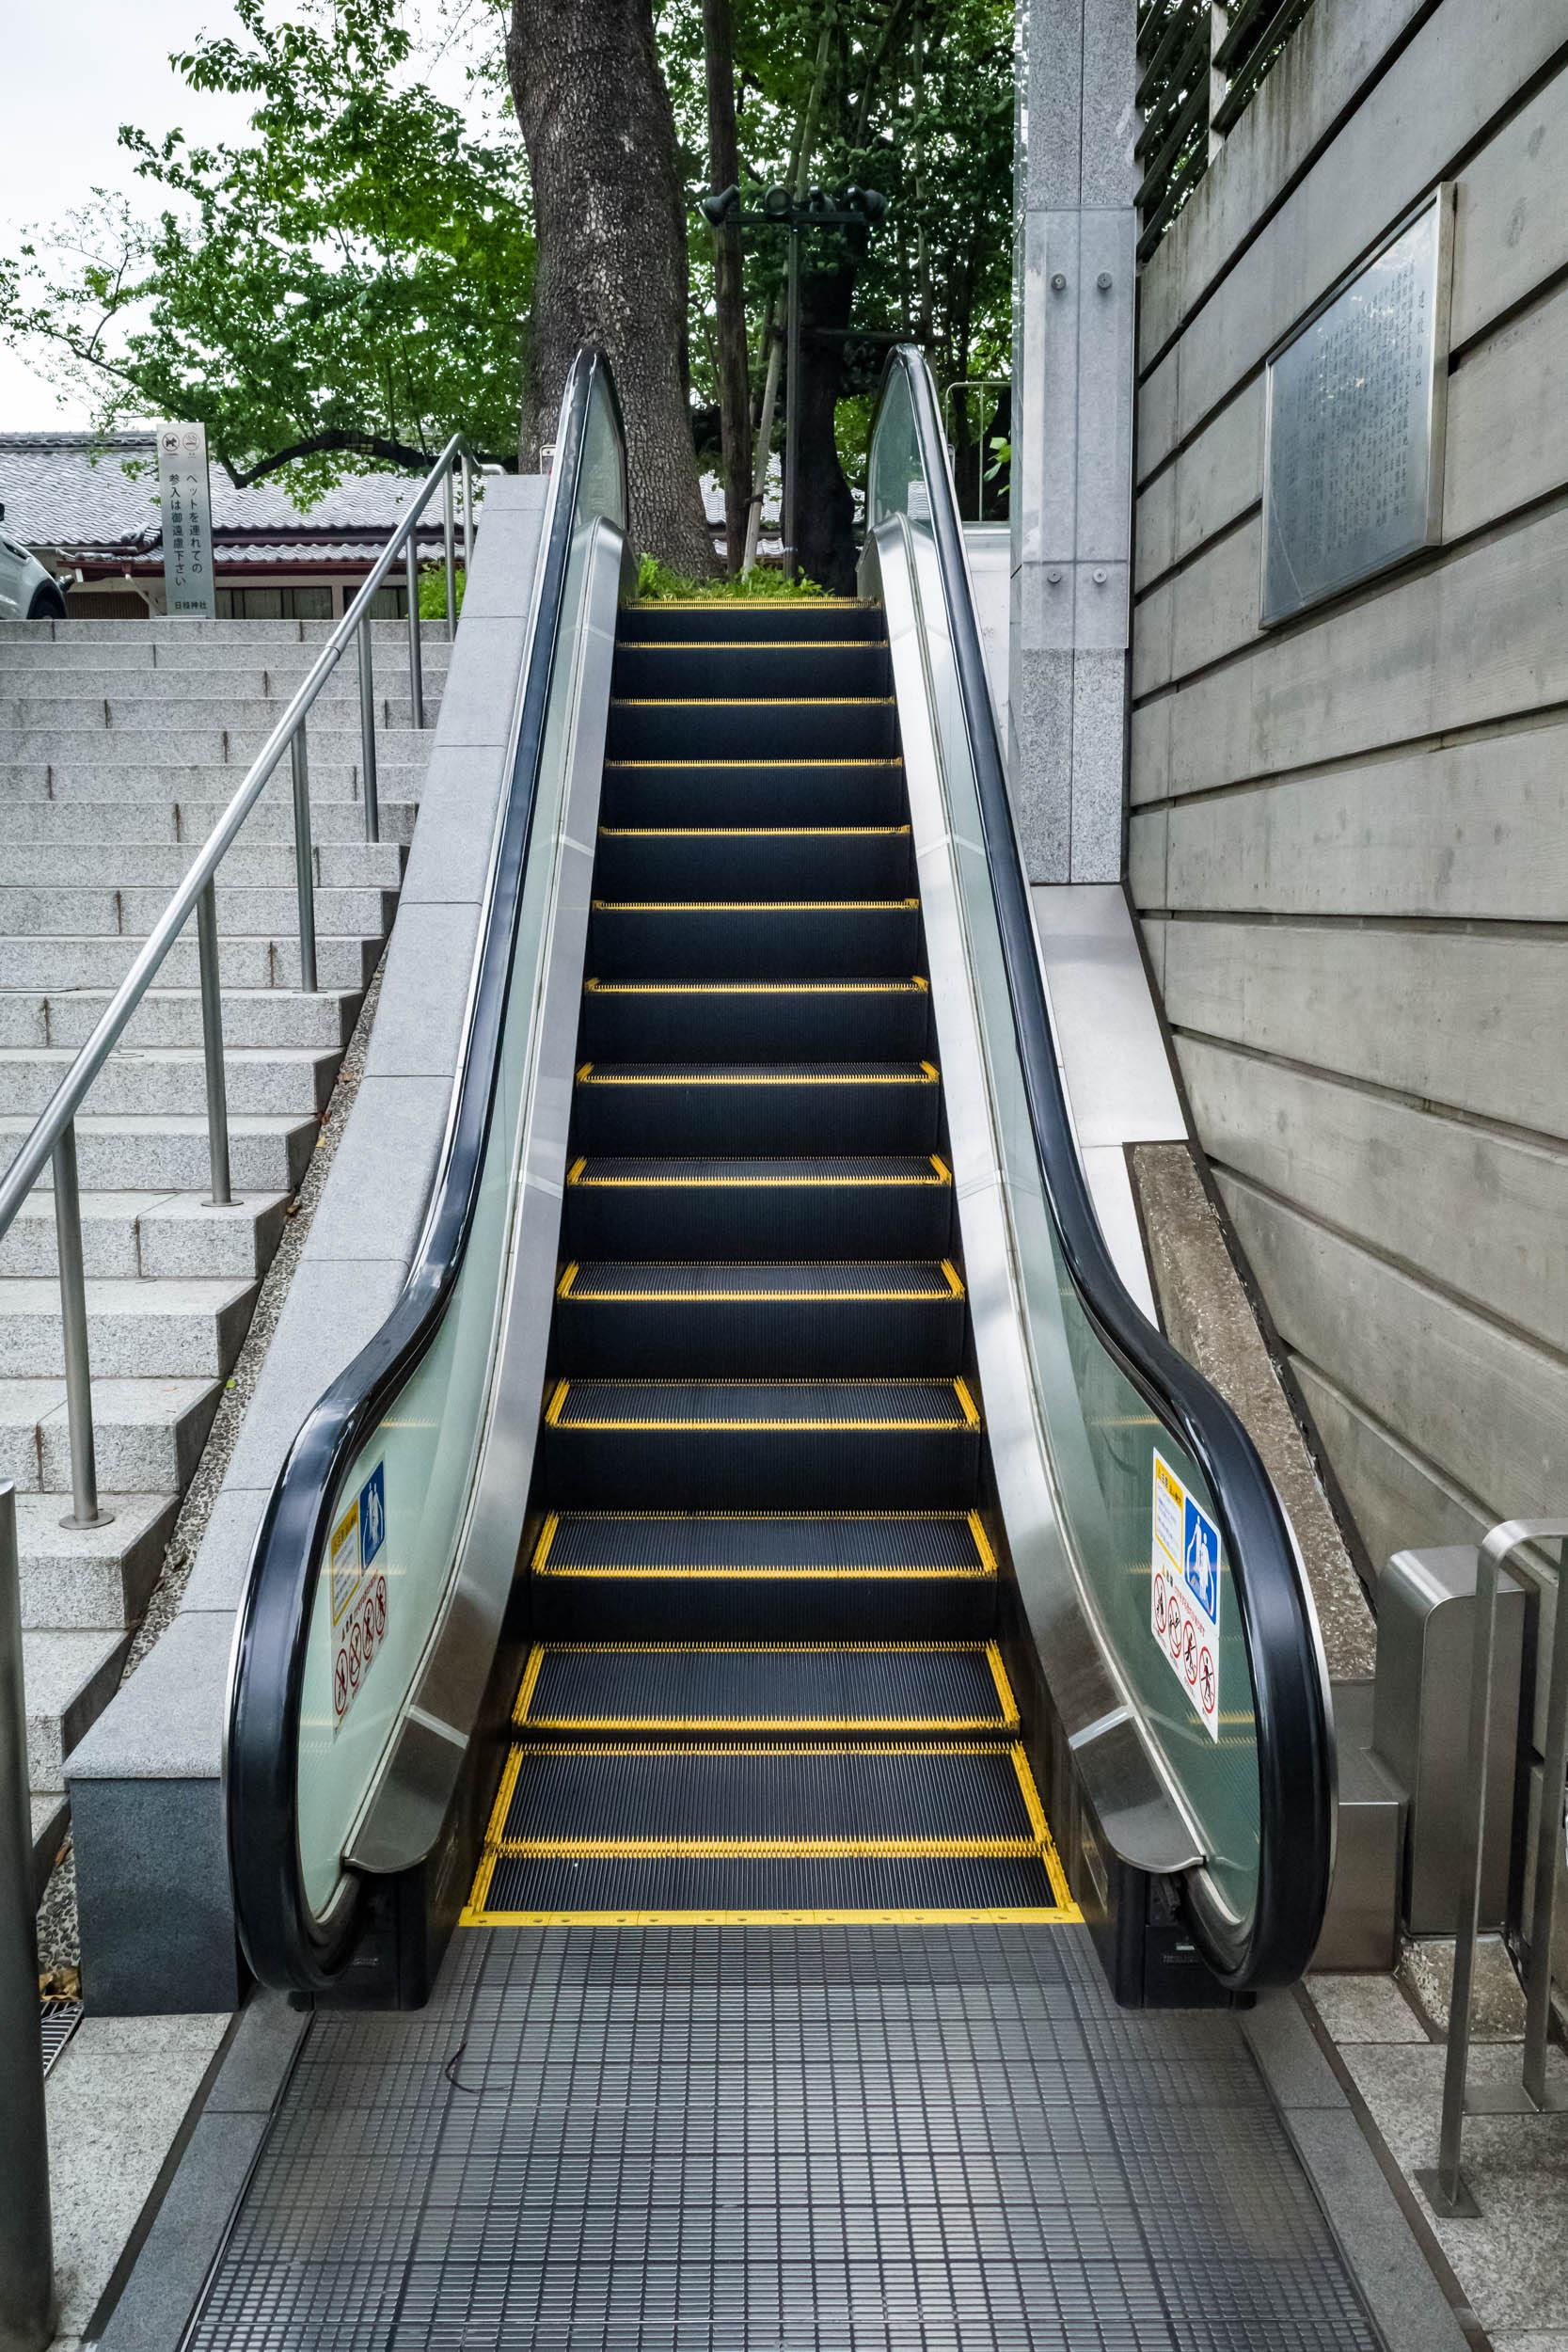 The top escalator